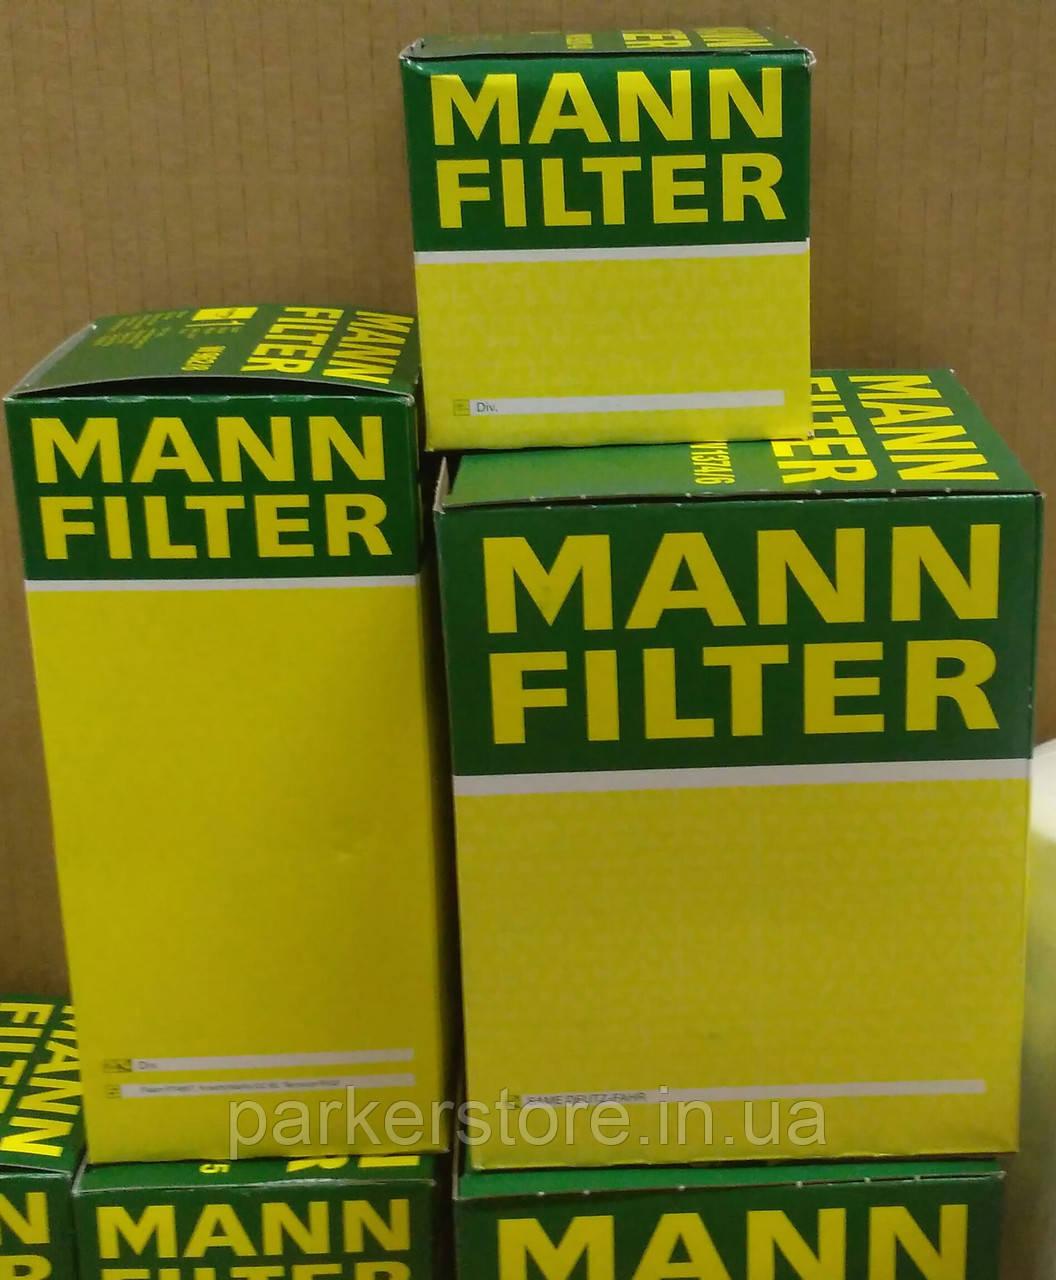 MANN FILTER / Воздушный фильтр / C 26 109 / C26109